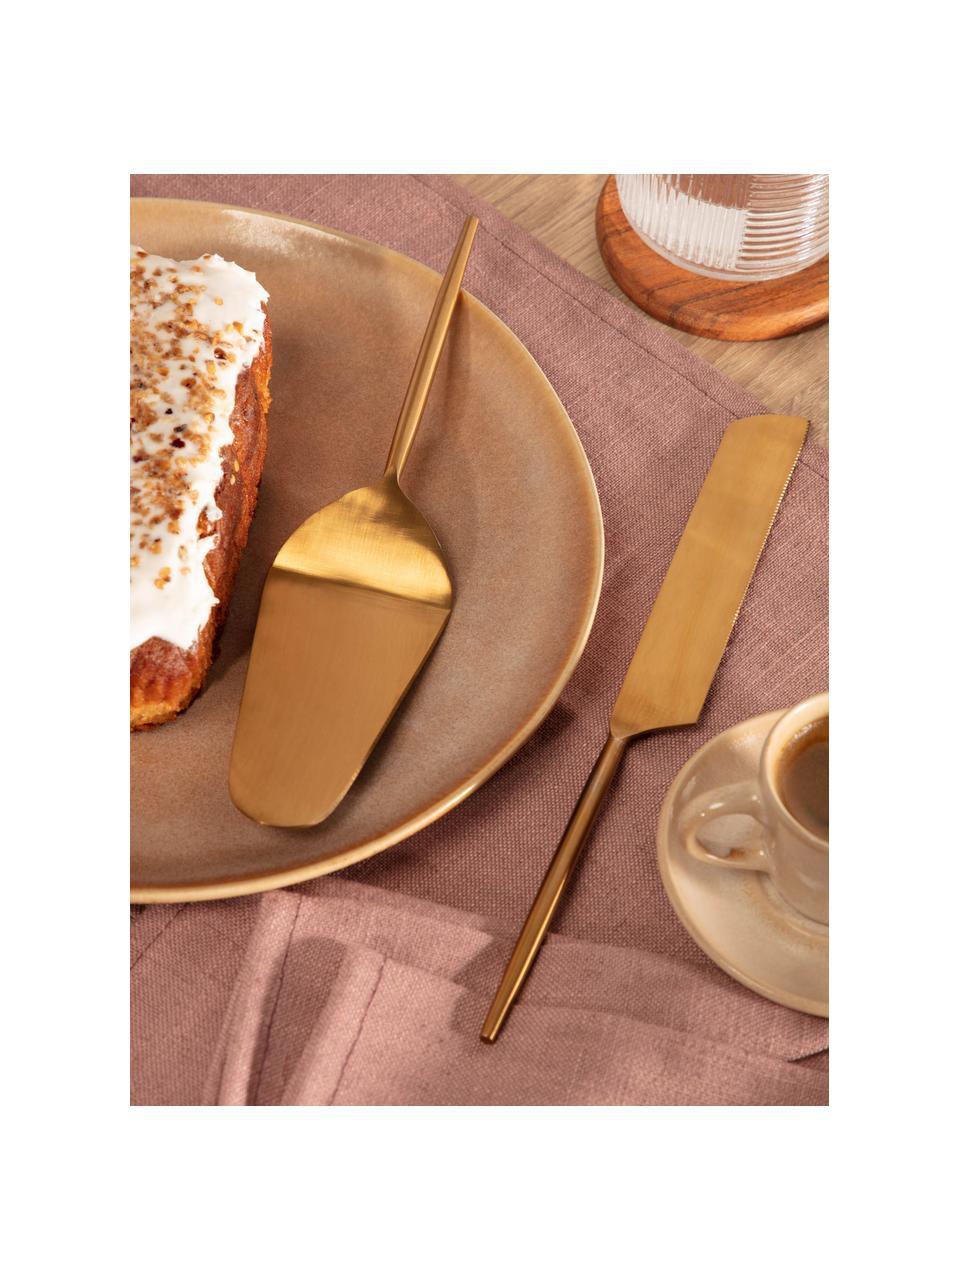 Tortenheber Lite in Gold aus Edelstahl, 2er-Set, Rostfreier Stahl, beschichtet, Goldfarben, Set mit verschiedenen Größen